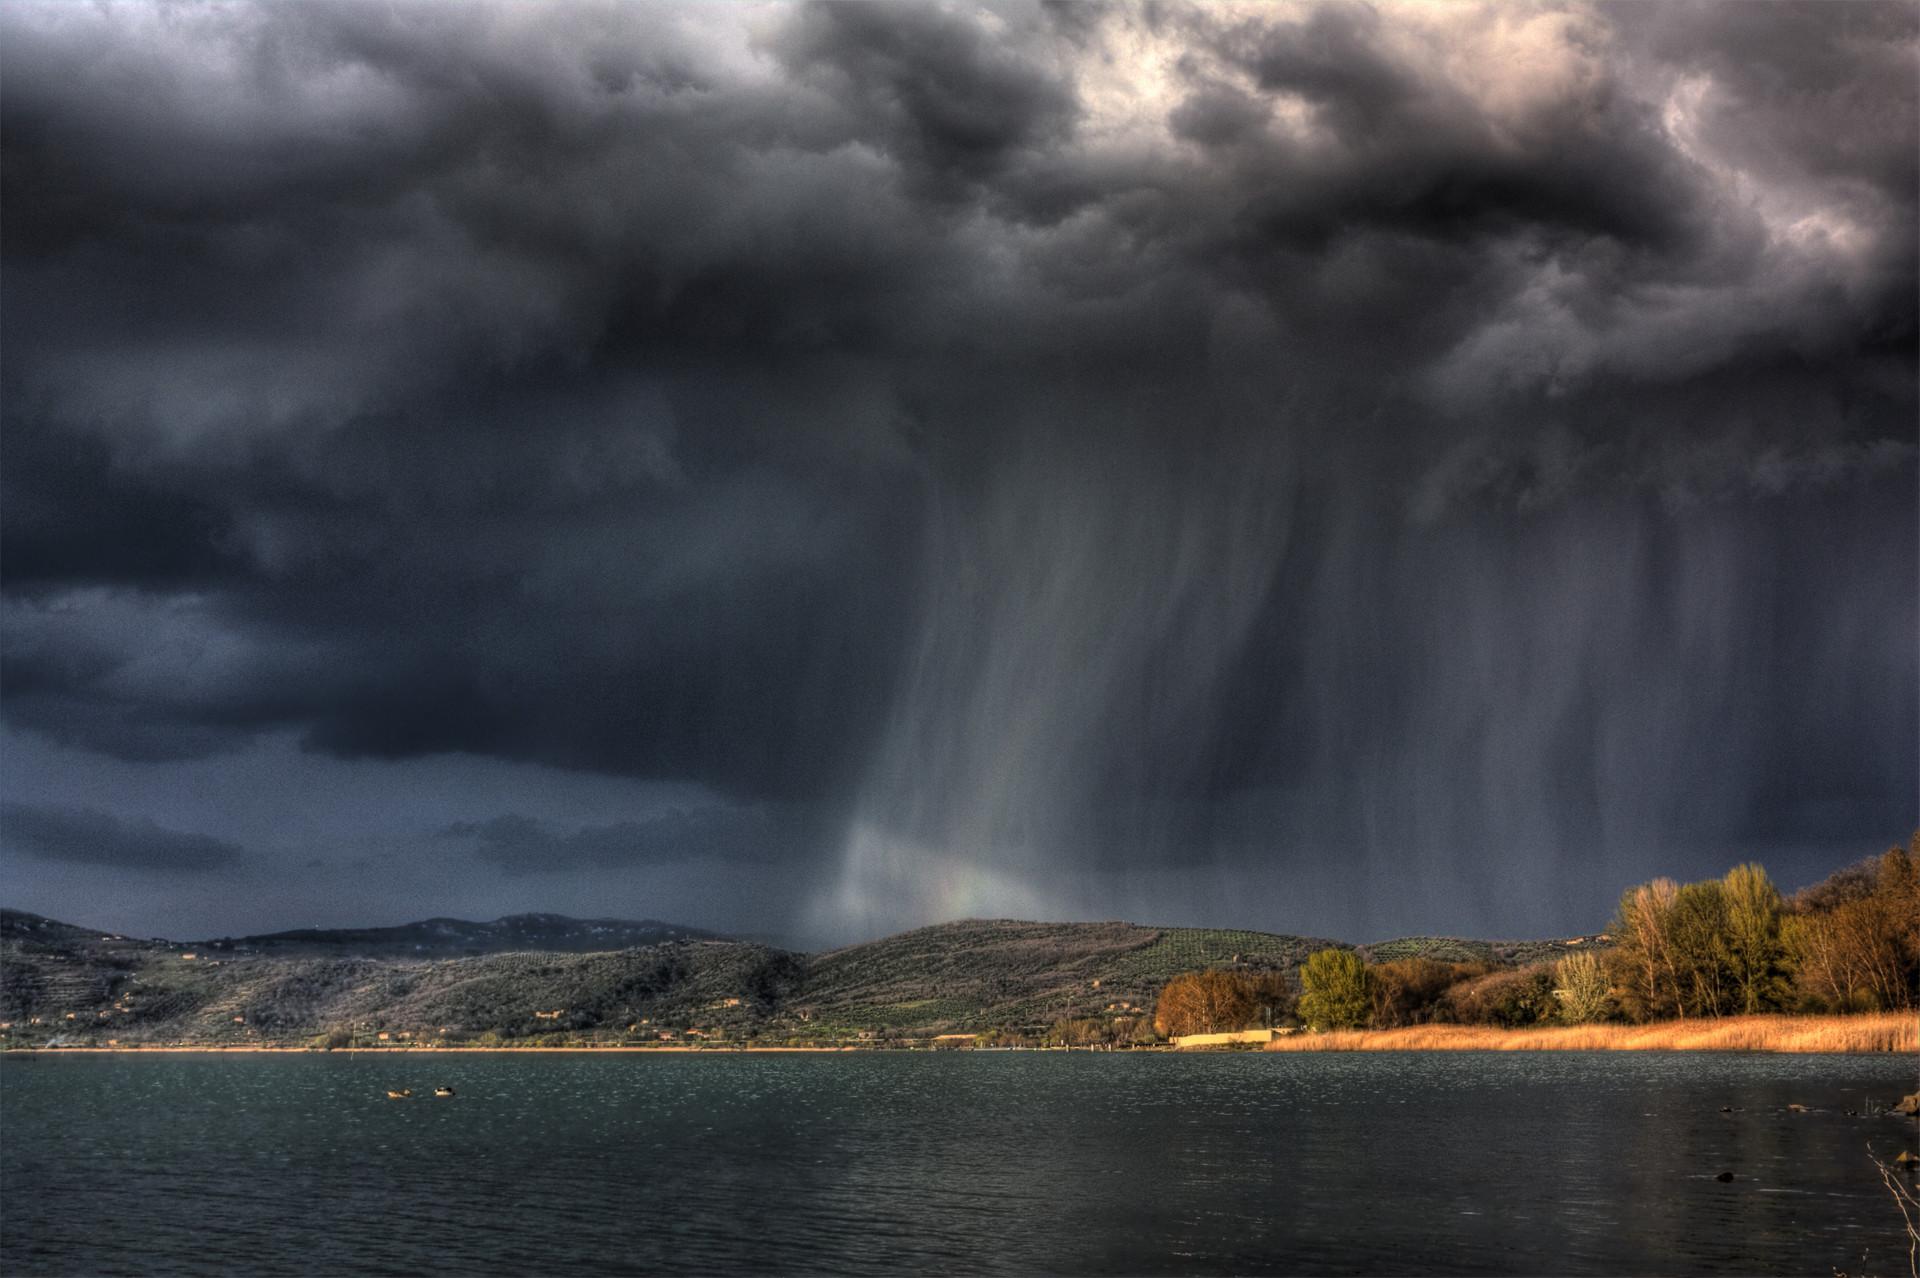 Rain Storm Desktop Wallpaper 49 images 1920x1278